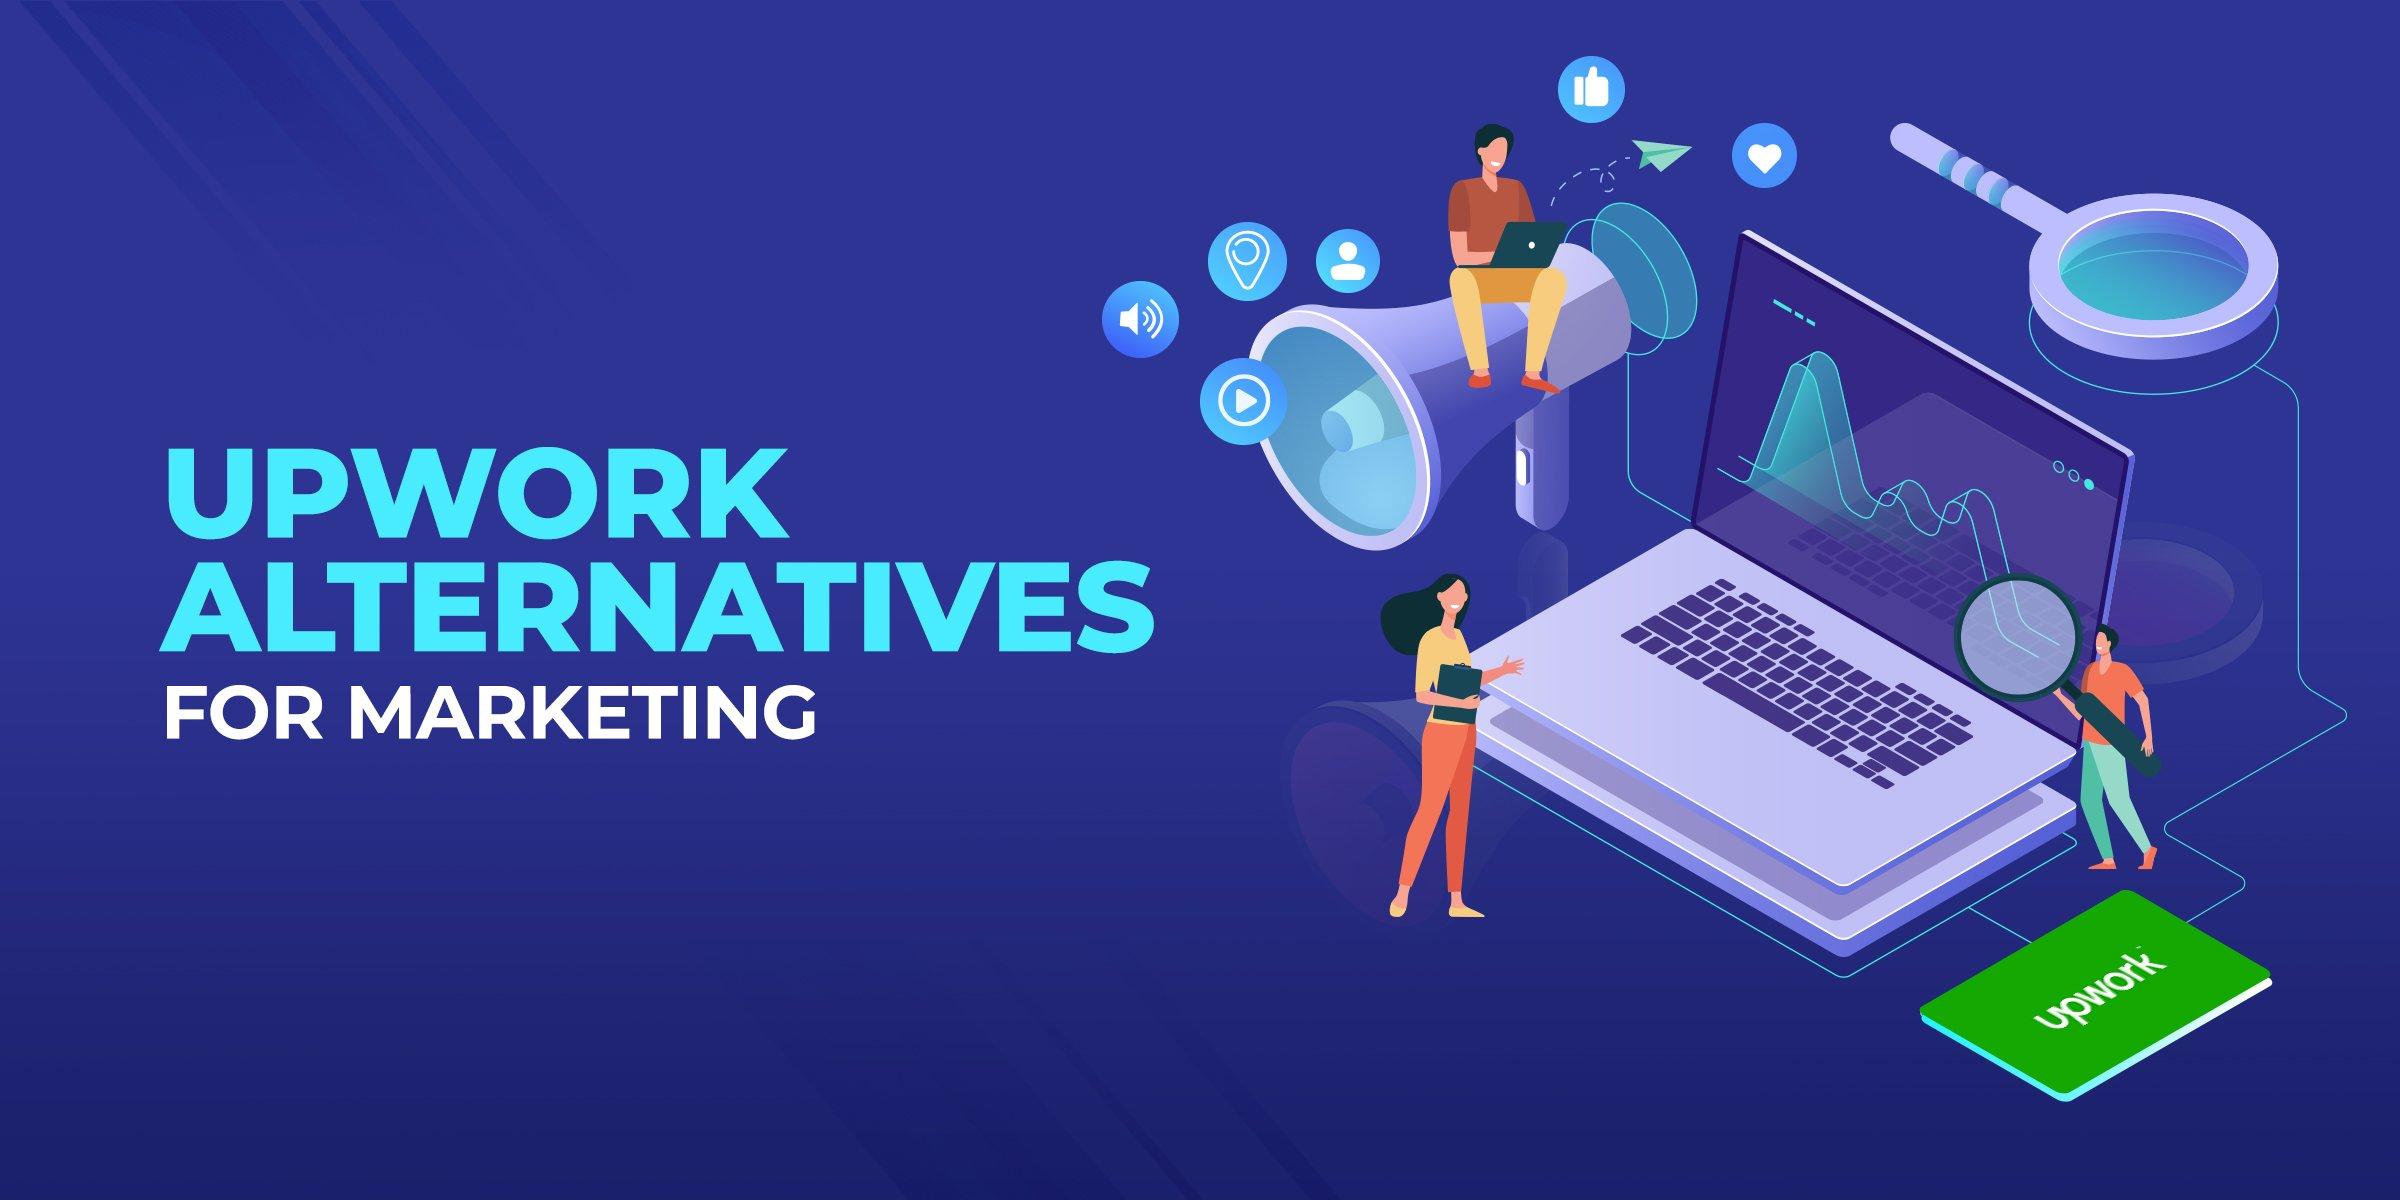 Upwork Alternatives for Marketing